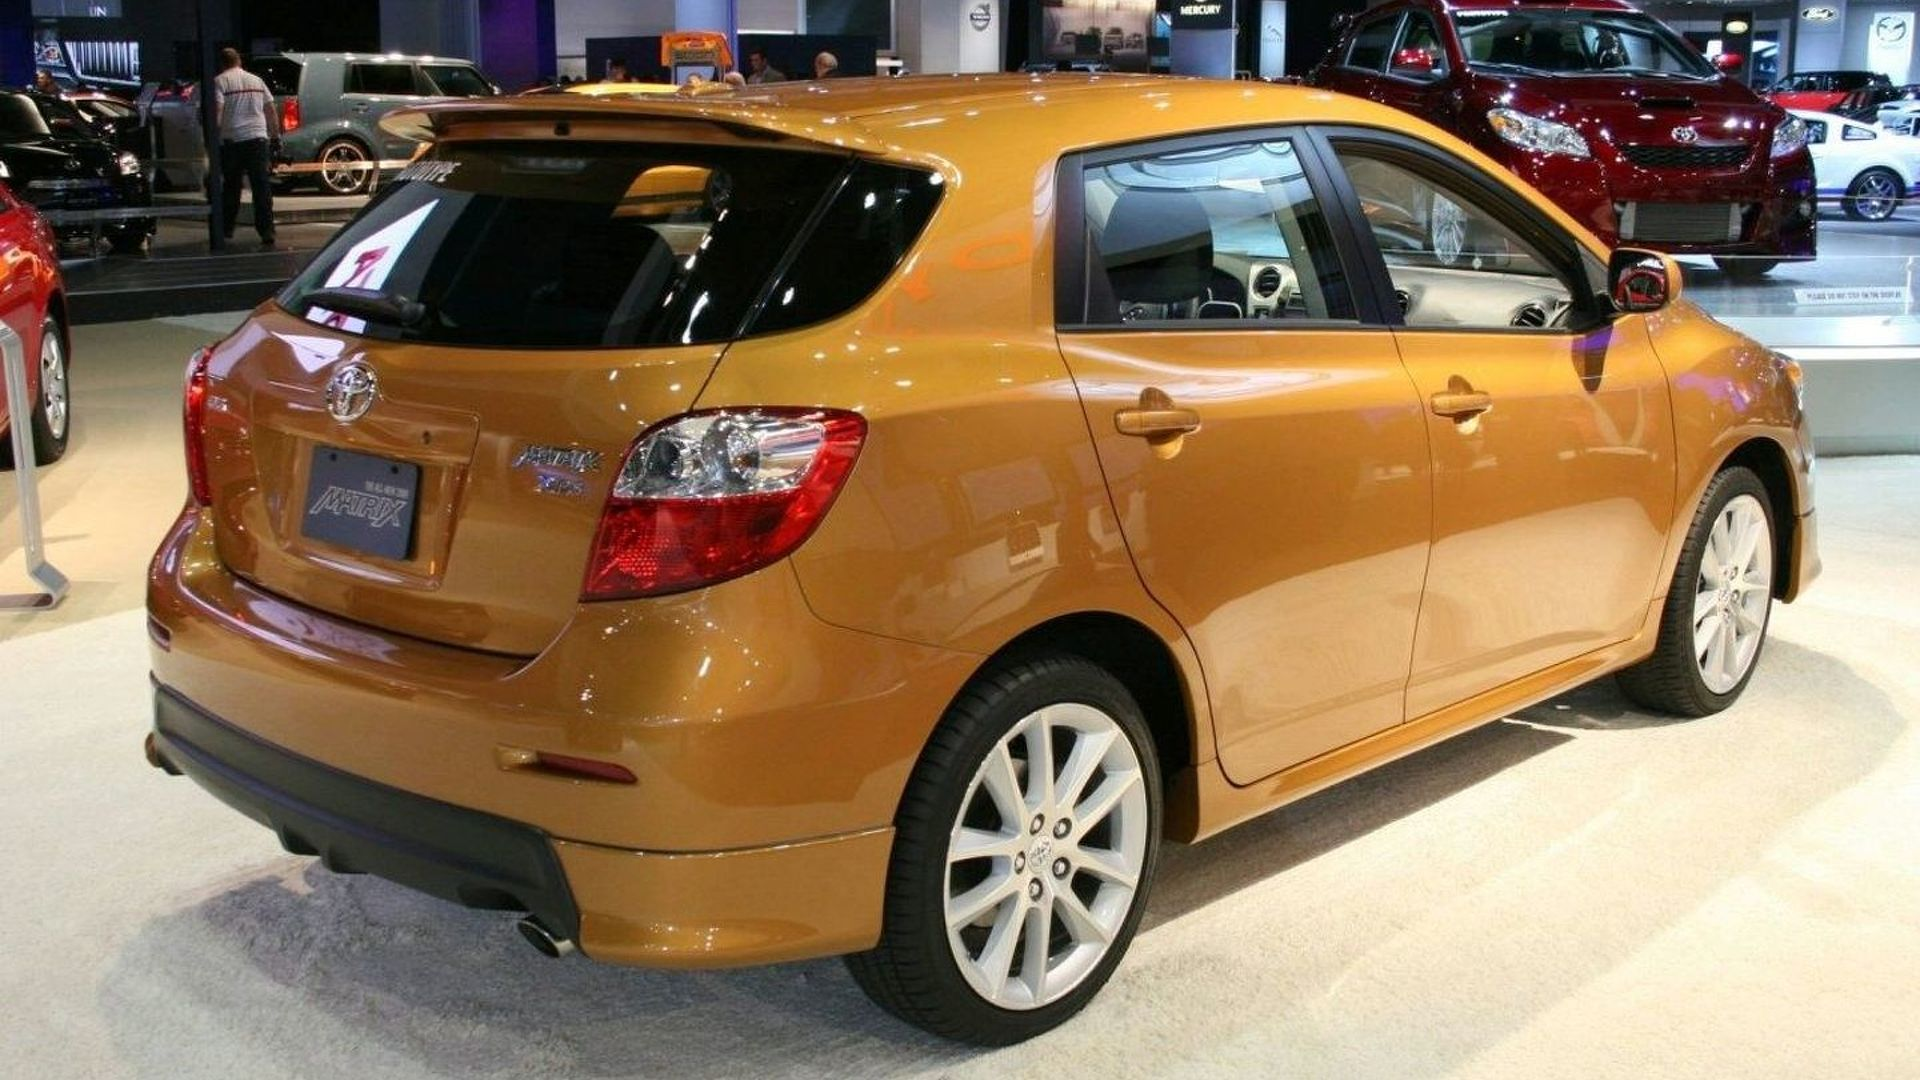 New 2009 Toyota Matrix Looks Cool